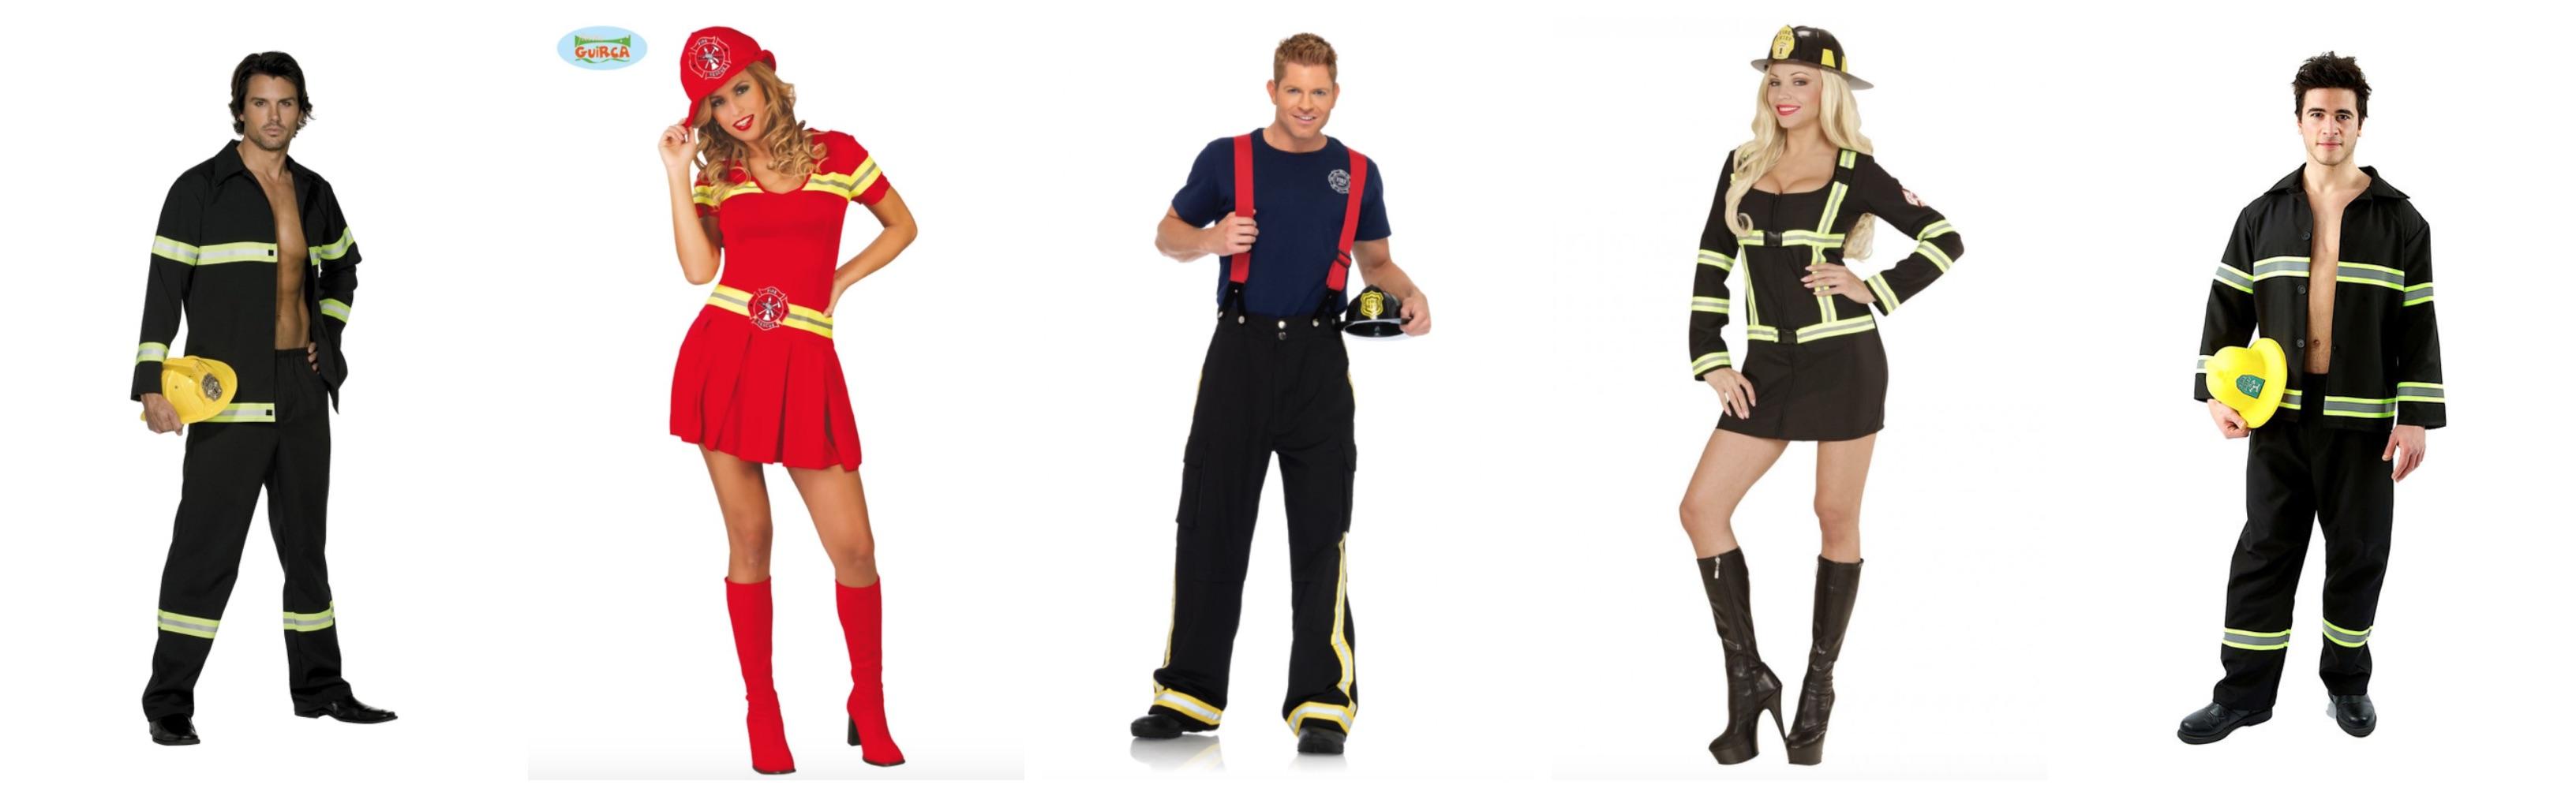 brandmand kostume til voksne - Brandmand kostume til voksne